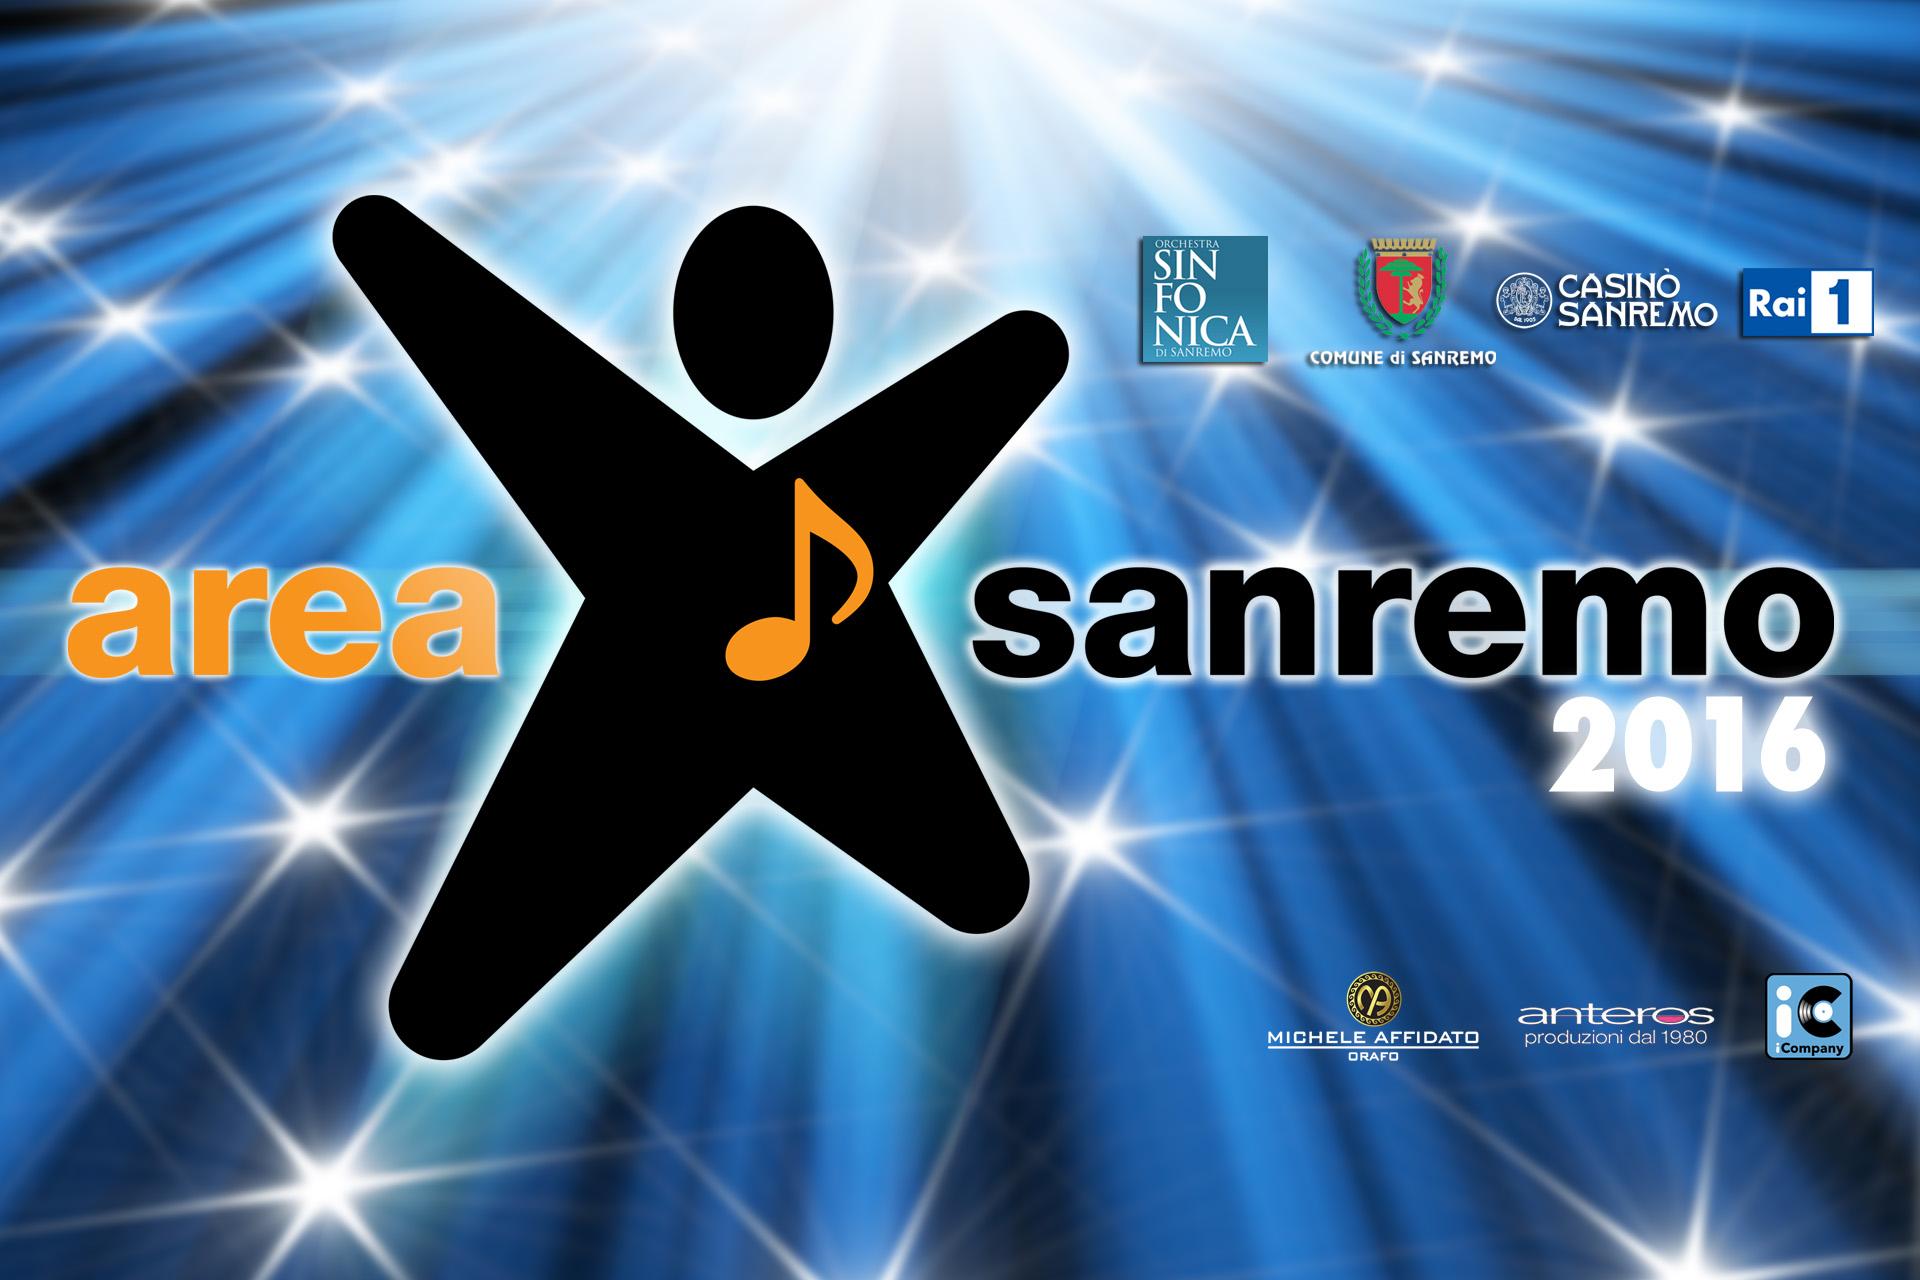 Area Sanremo 2016, news: salgono a 70 i finalisti dell'edizione, ecco i nomi